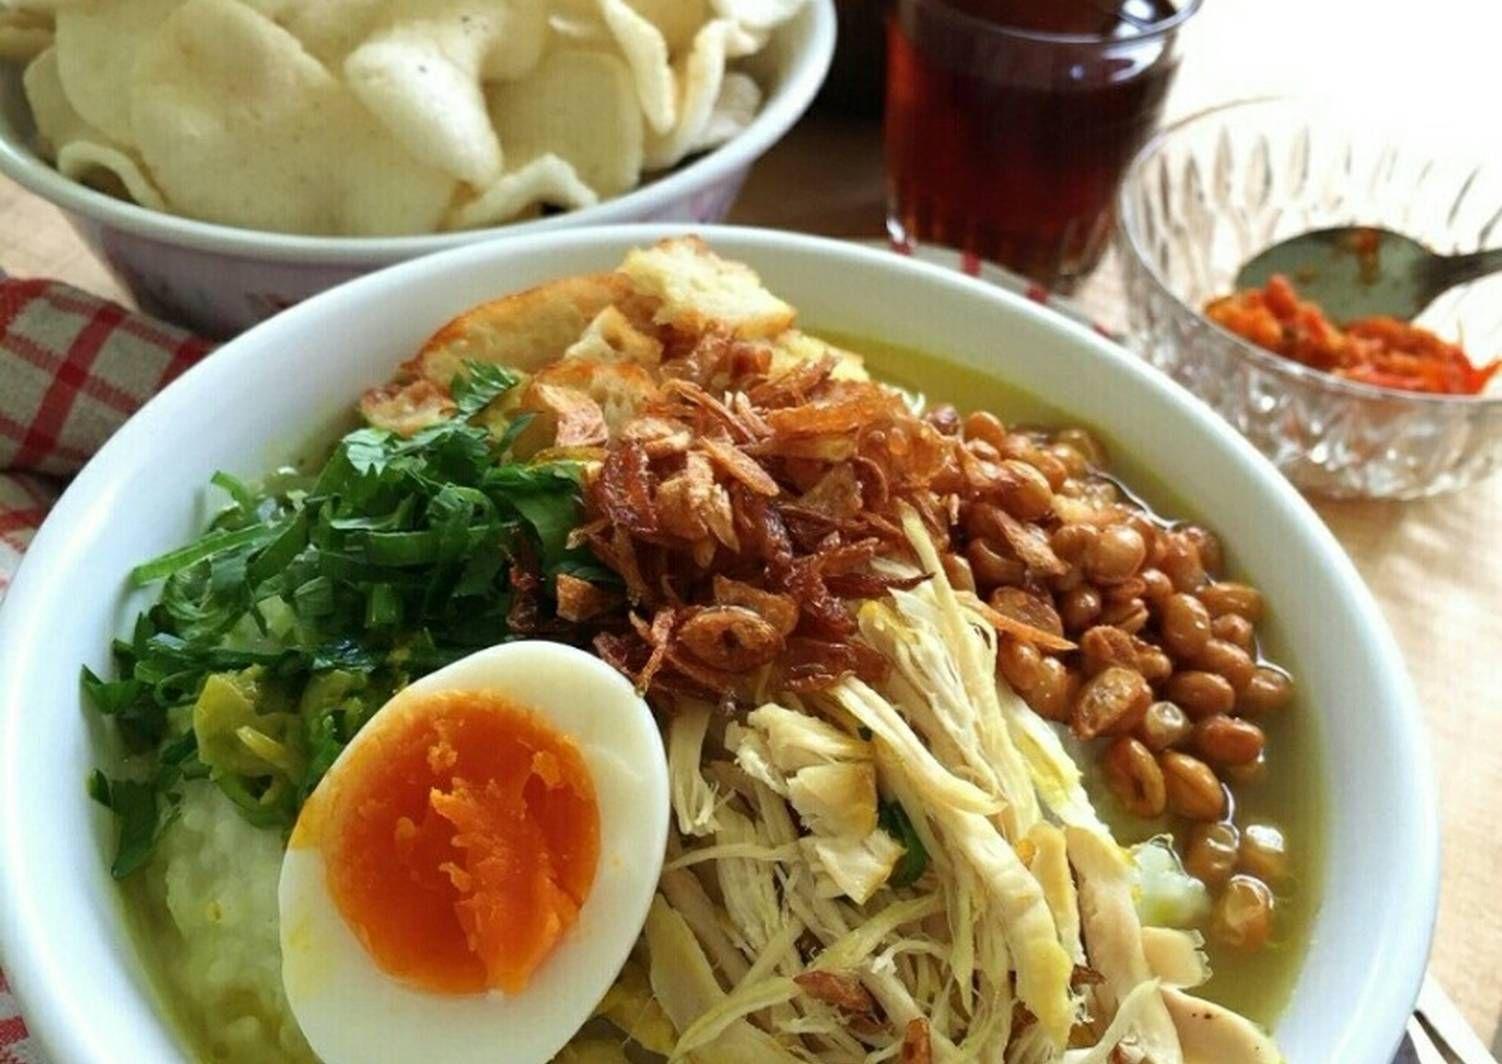 Resep Bubur Ayam Jakarta Pr Homemadestreetfood Oleh Cooking With Sheila Resep Resep Masakan Resep Masakan Indonesia Resep